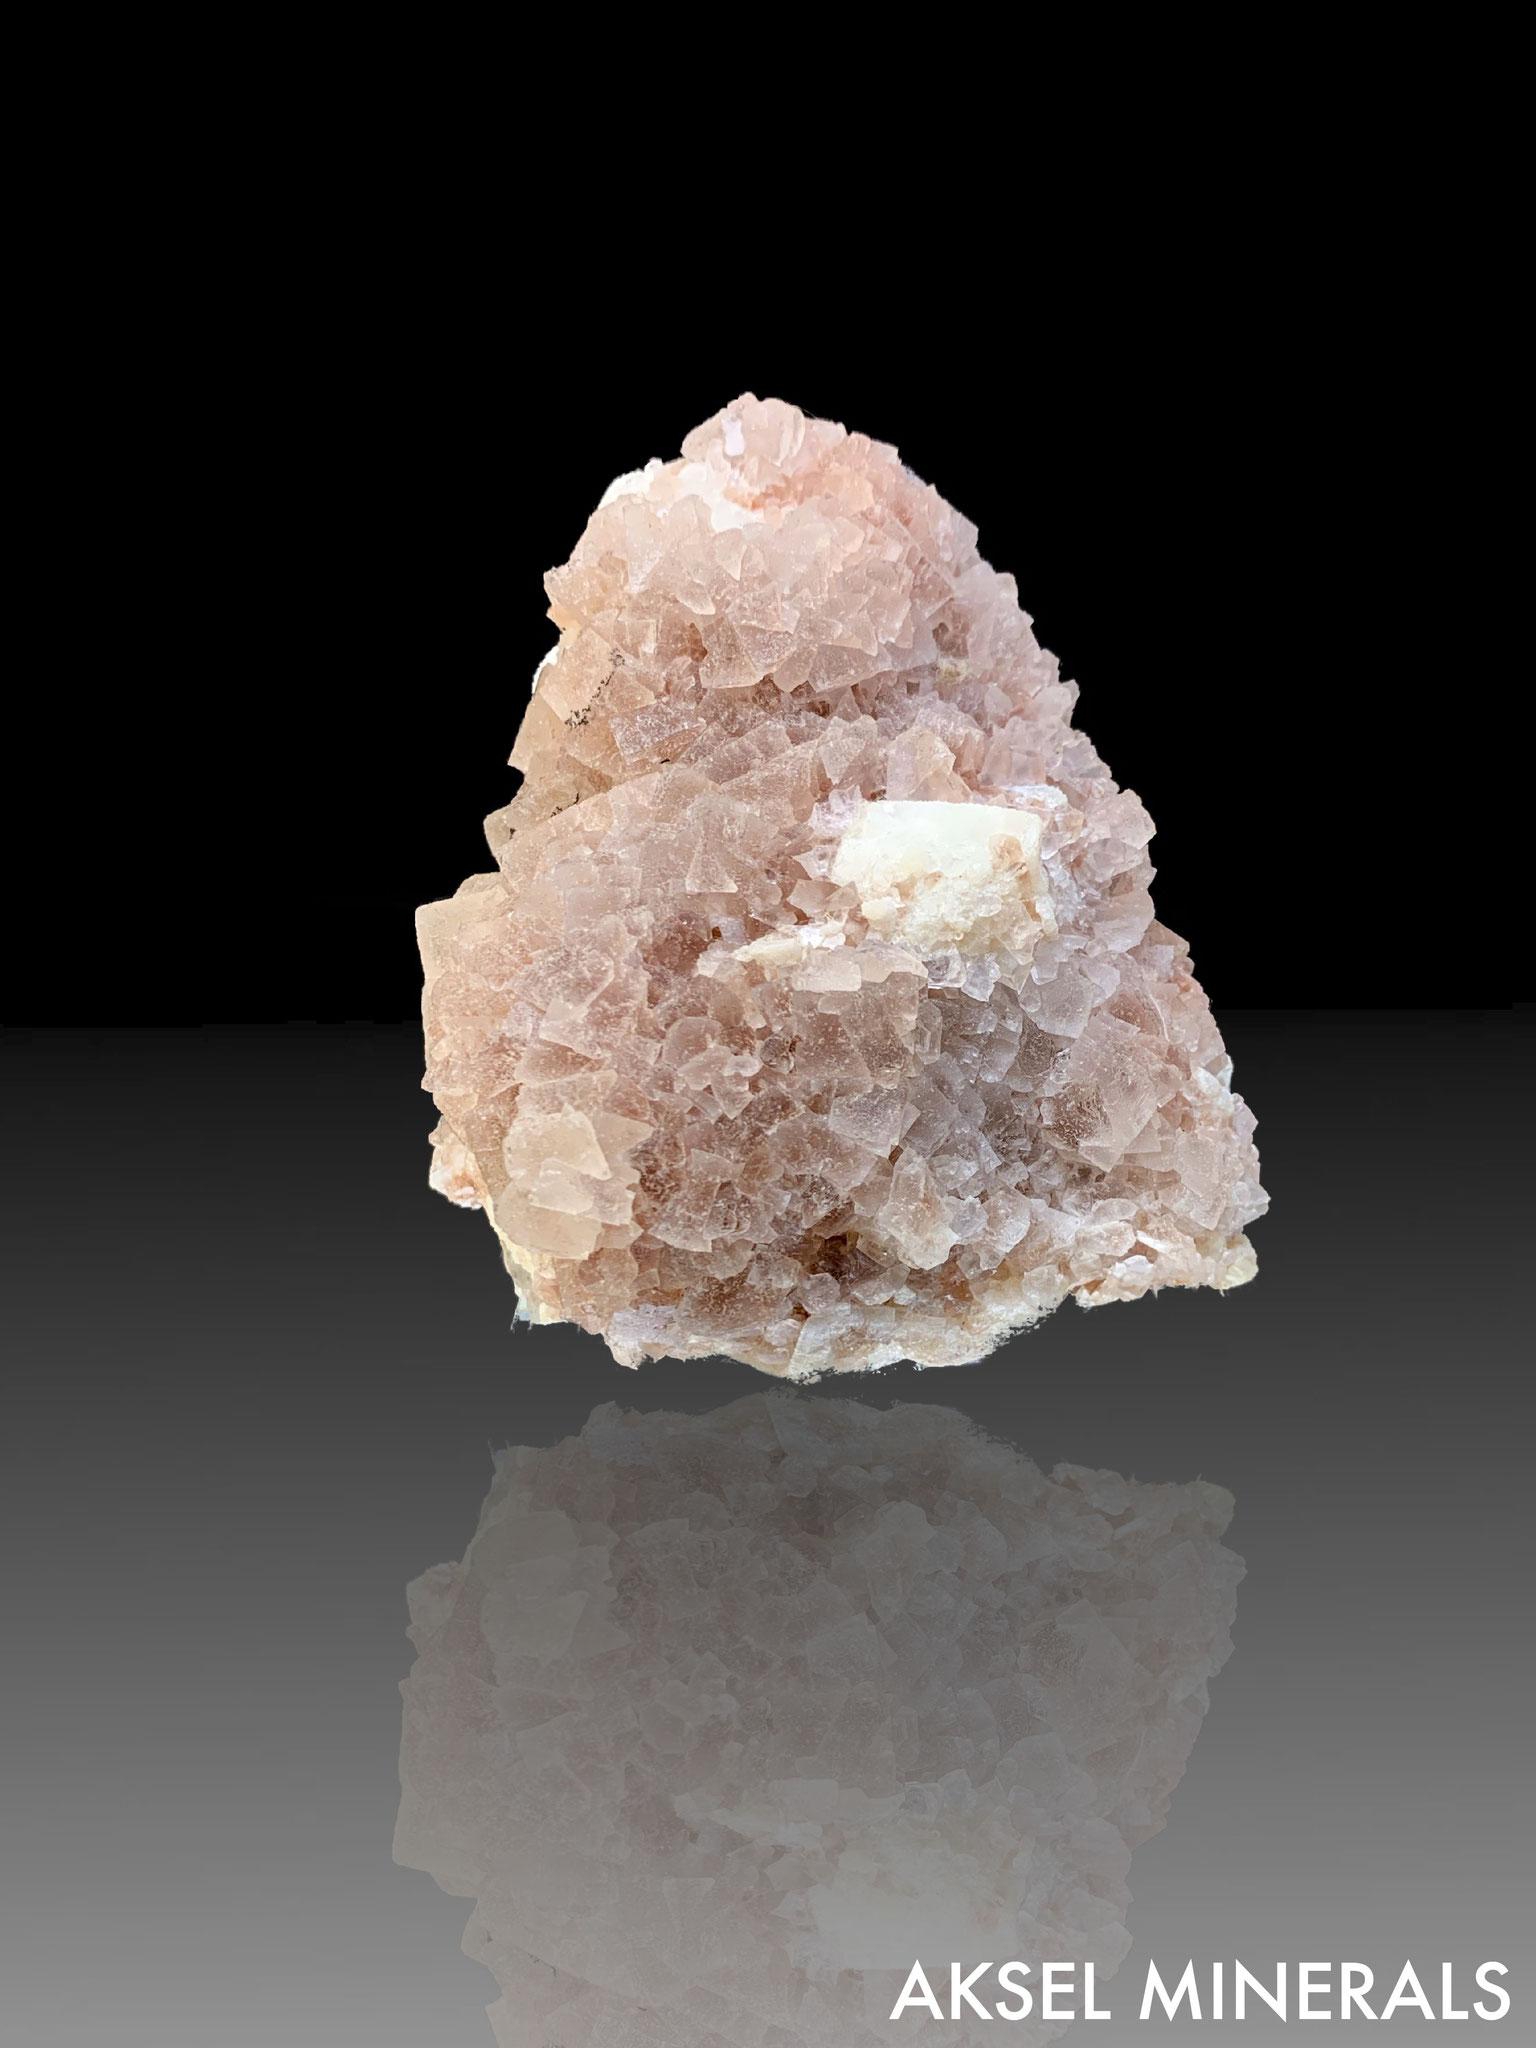 AM364 - Fluorite sur Fluorite et Quartz - De'an Mine, Wushan, De'an Co., Jiujiang, Jiangxi, Chine - 105x90mm